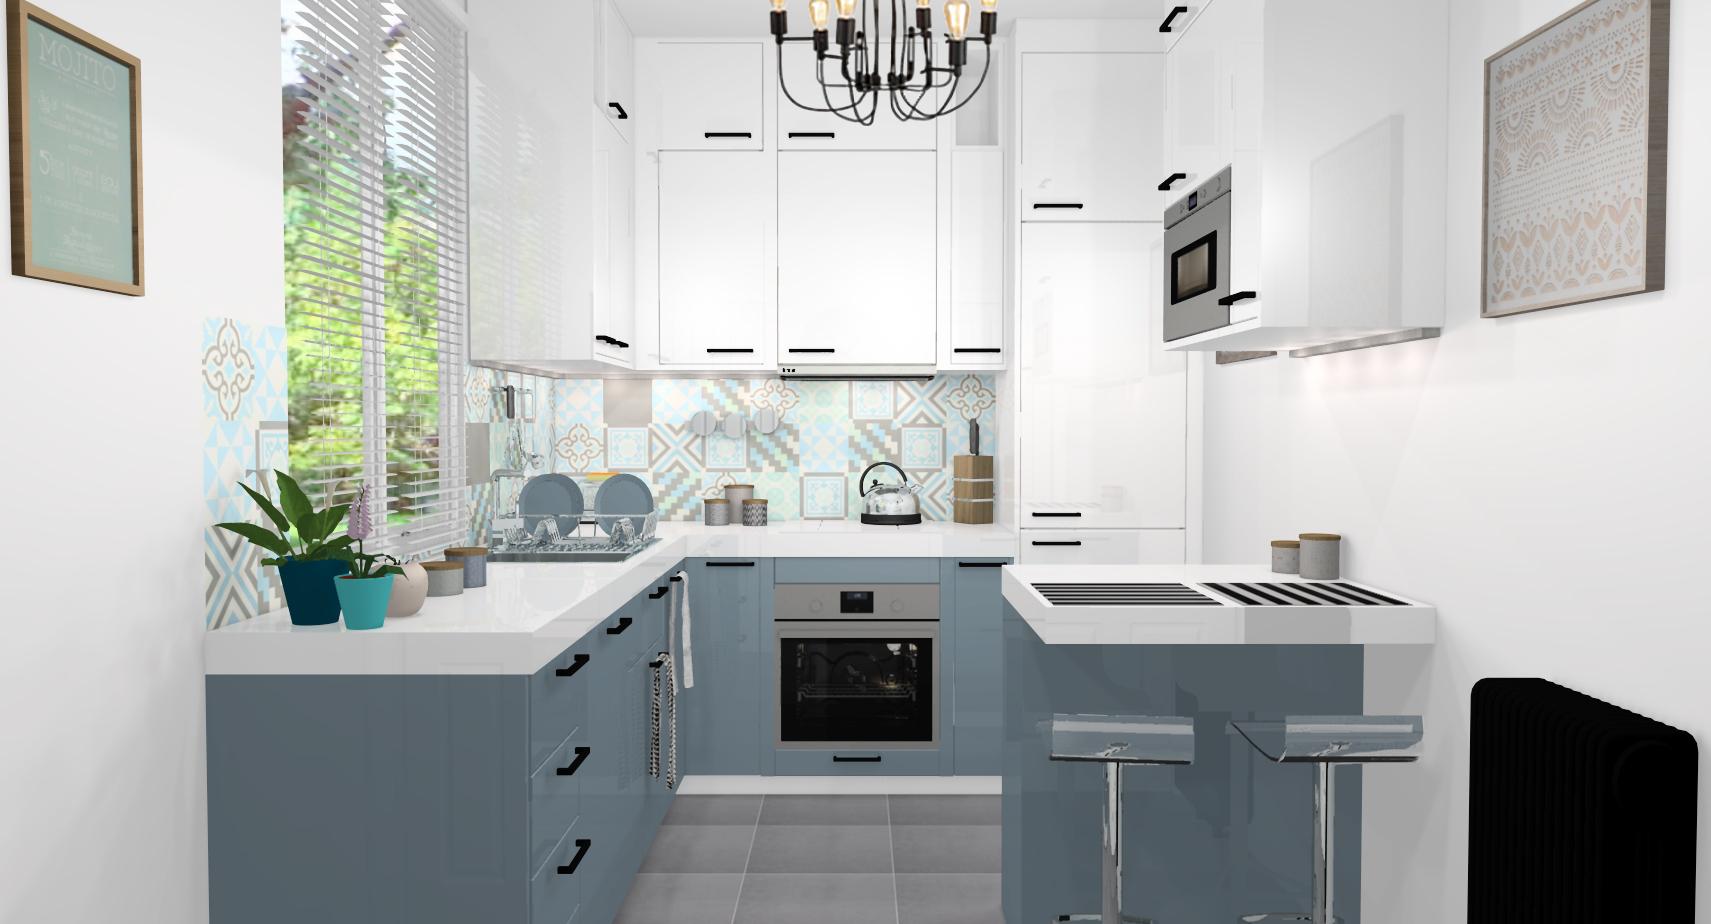 Deco Imitation Carreaux De Ciment carreaux de ciment et décoration d'intérieur - designement vôtre